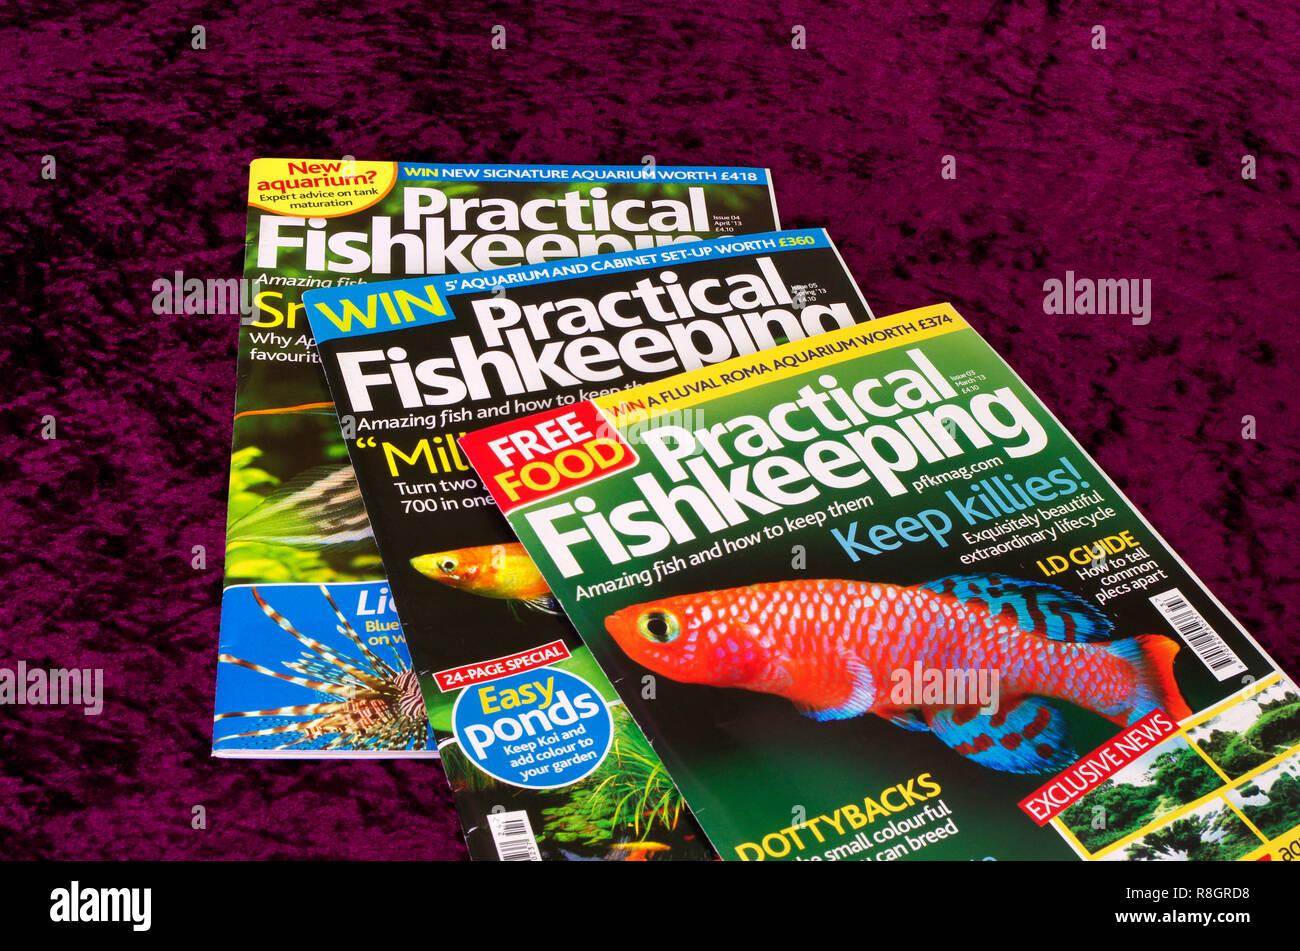 Practical Fishkeeping Hobbyists Monthly Magazine or Periodical, UK Stock Photo